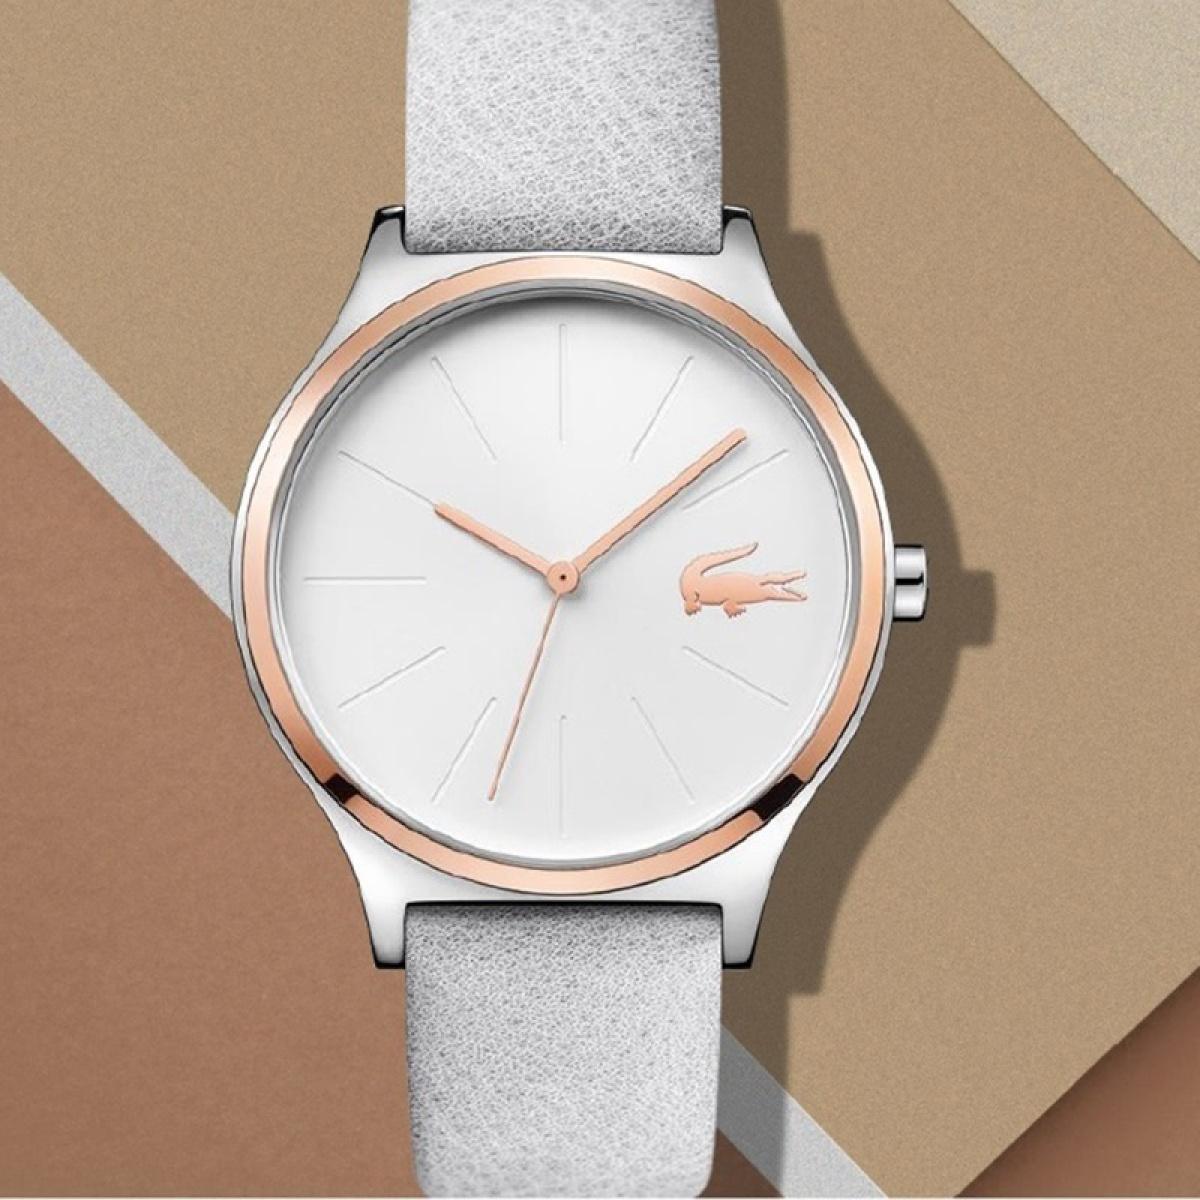 e9c6be0ed Nowa kolekcja zegarków Lacoste w Time Trend